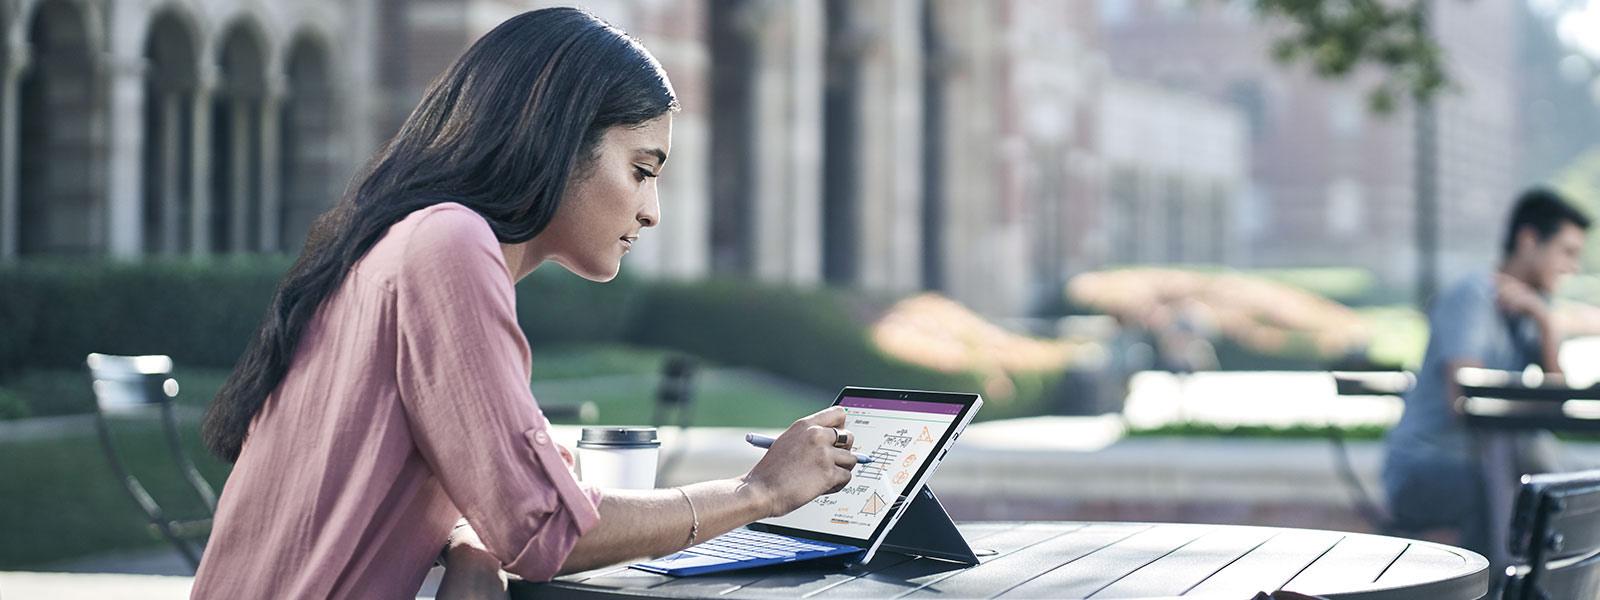 ผู้หญิงกำลังใช้ปากกา Surface วาดบนหน้าจอ Surface Studio ขณะจีบนิ้วด้วยมืออีกข้างเพื่อย่อหรือขยายหน้าจอ